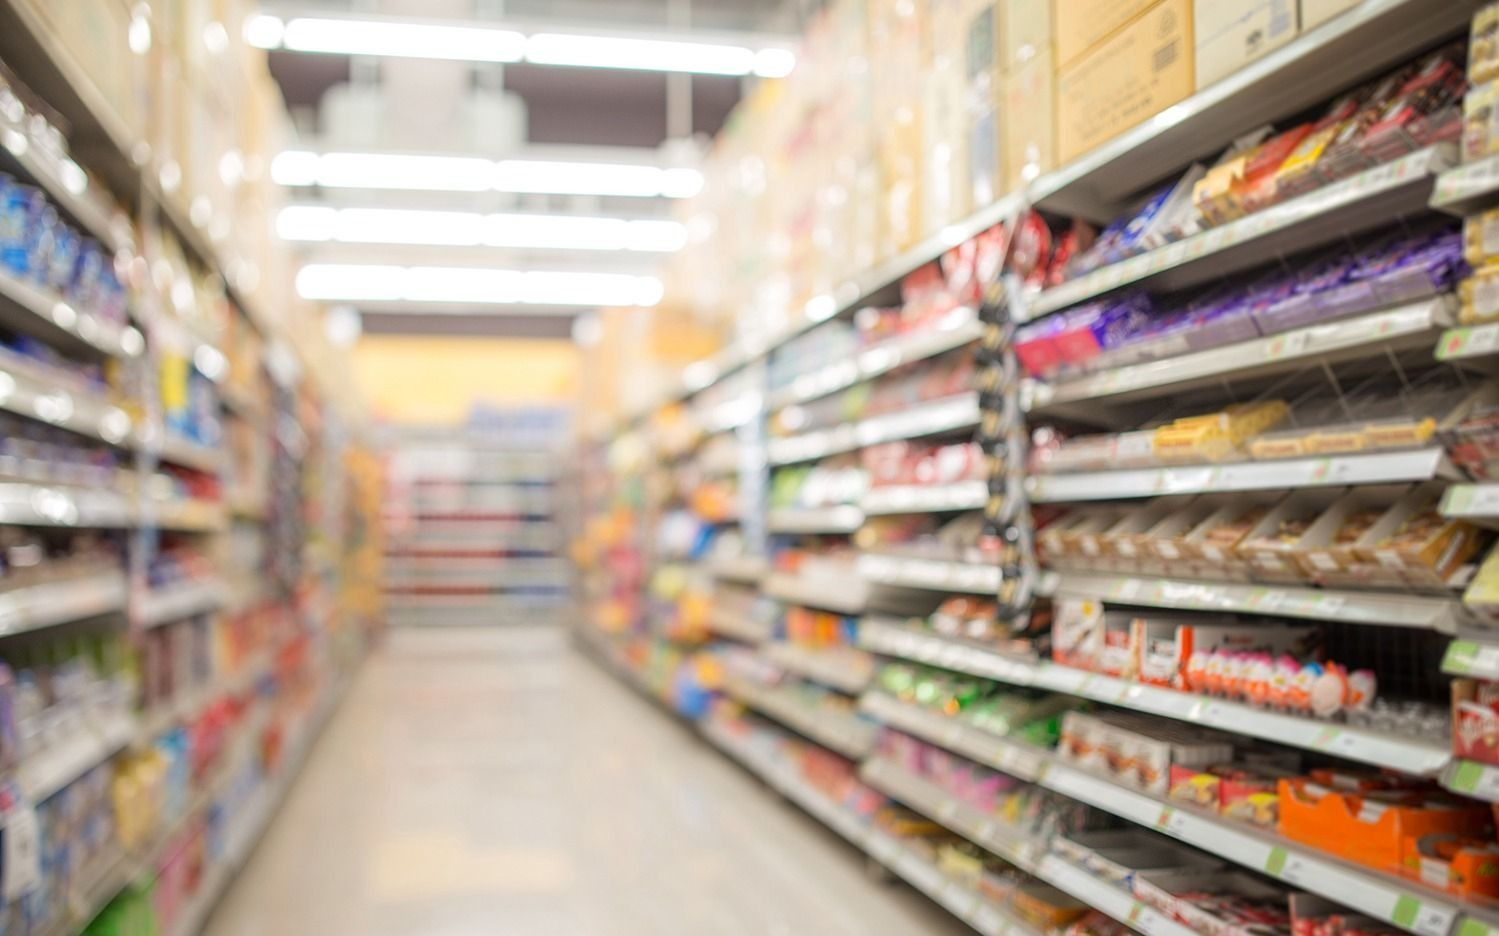 La reactivación del consumo, en espera: vuelven a bajar las ventas en los súper